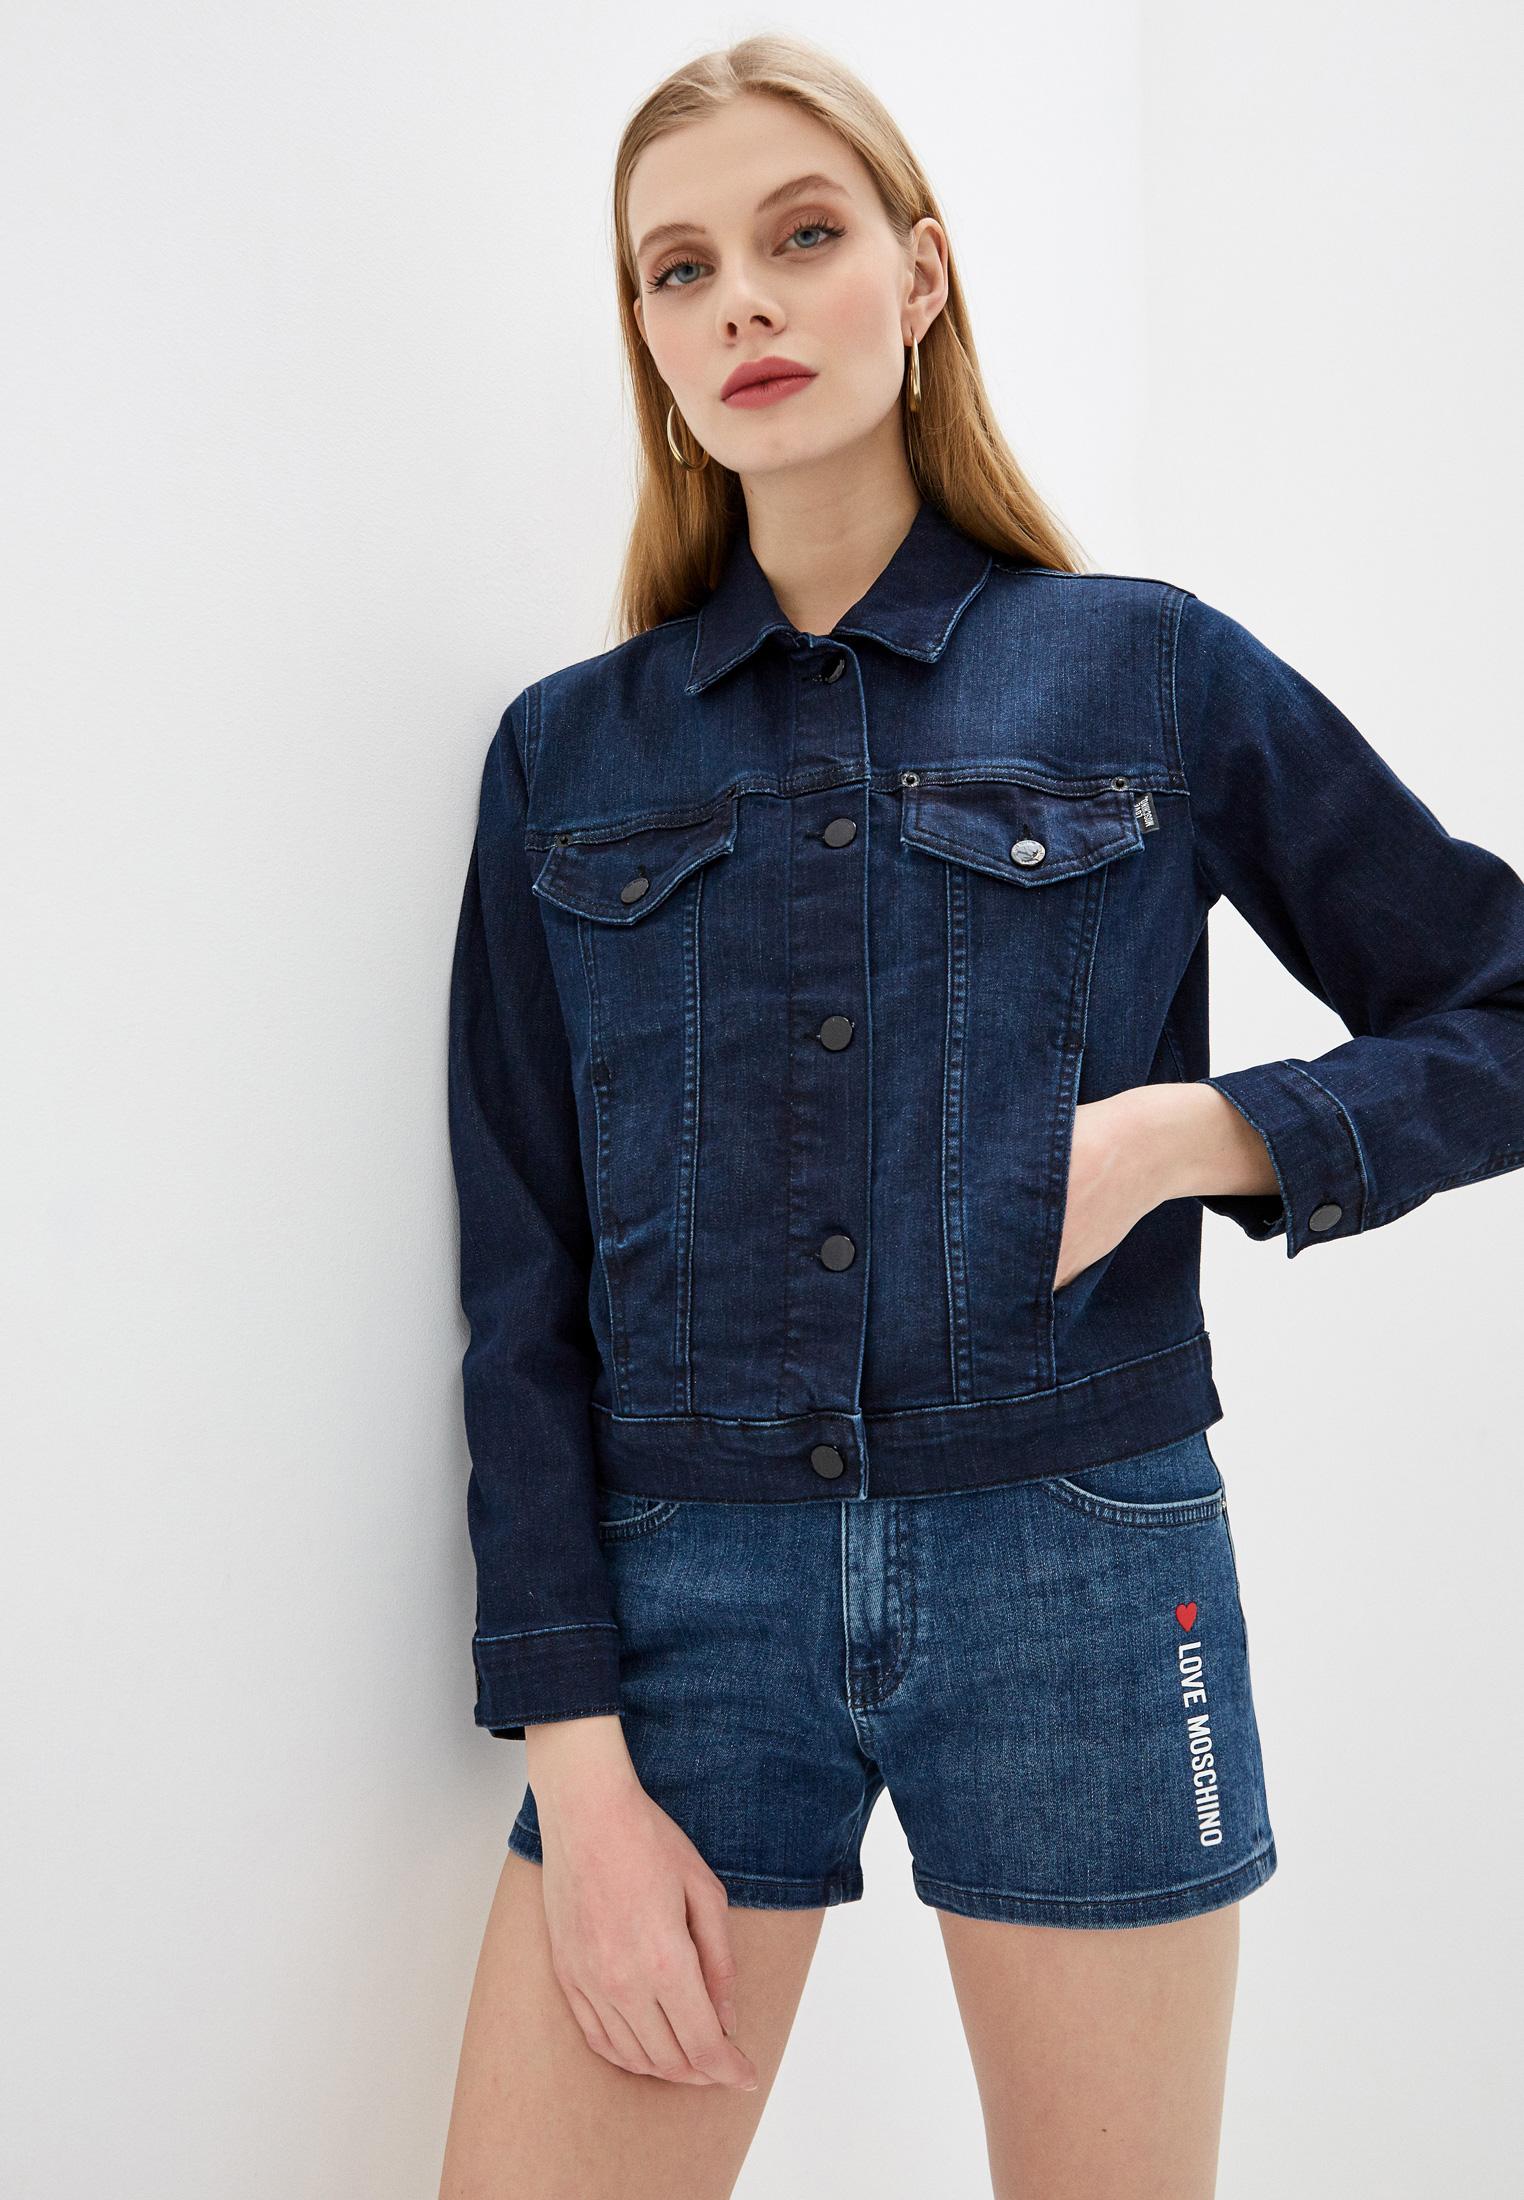 Джинсовая куртка Love Moschino W H 609 09 S 3386